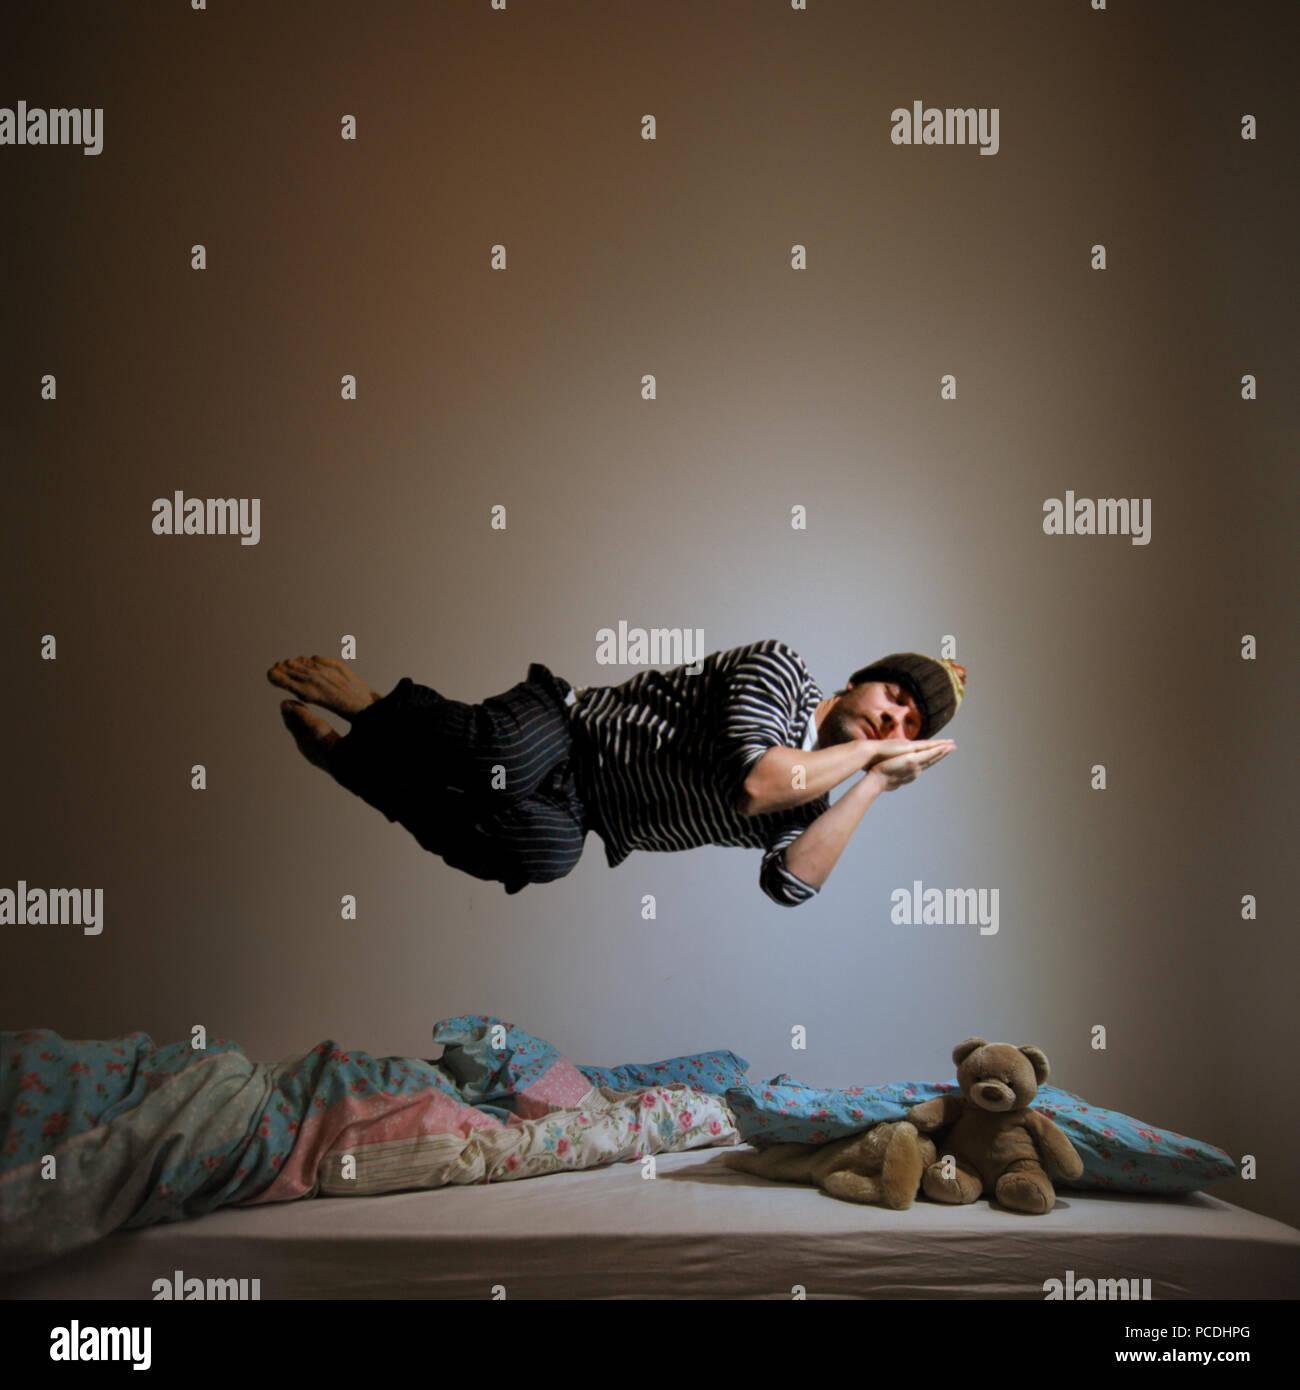 dreams,sleeping,dreams - Stock Image